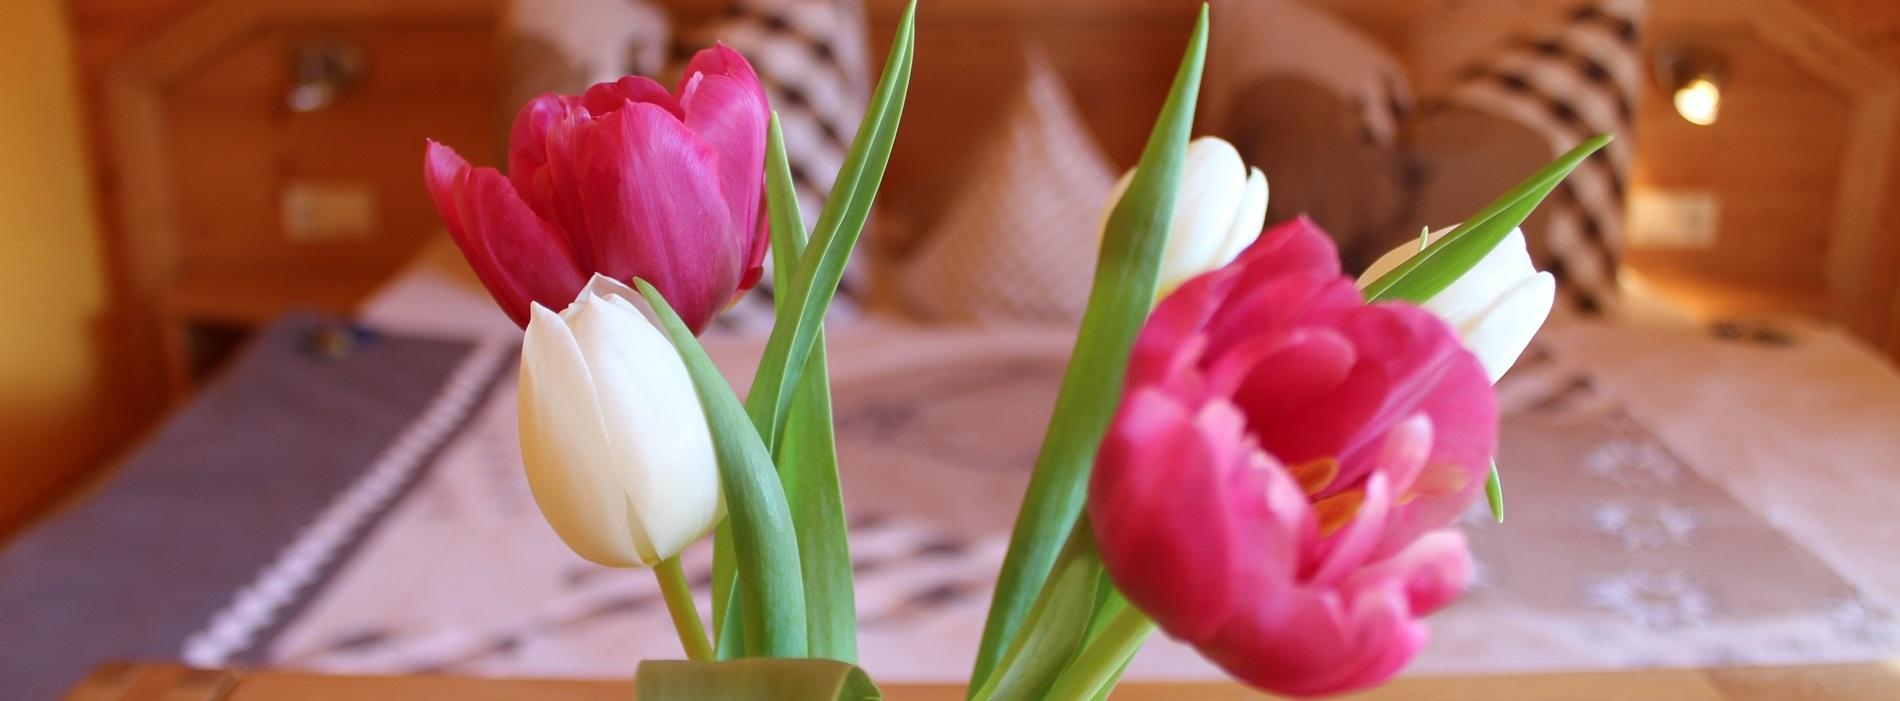 Hirschstube Tulpen Traumstube